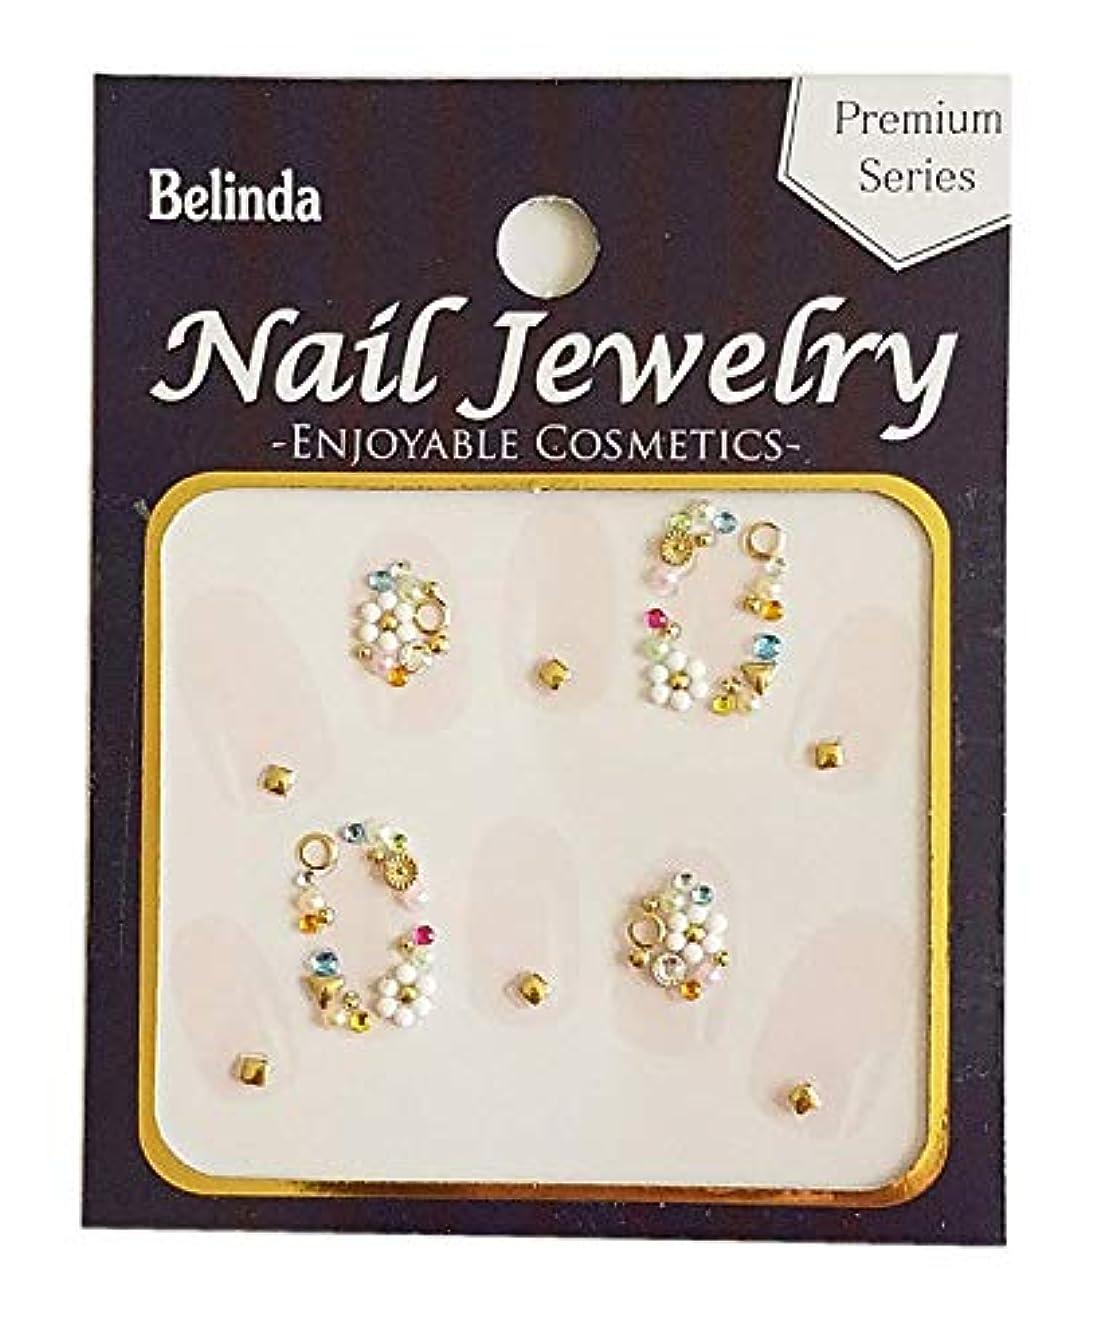 受け皿法医学マイクロプロセッサBelinda Nail Jewels No.714